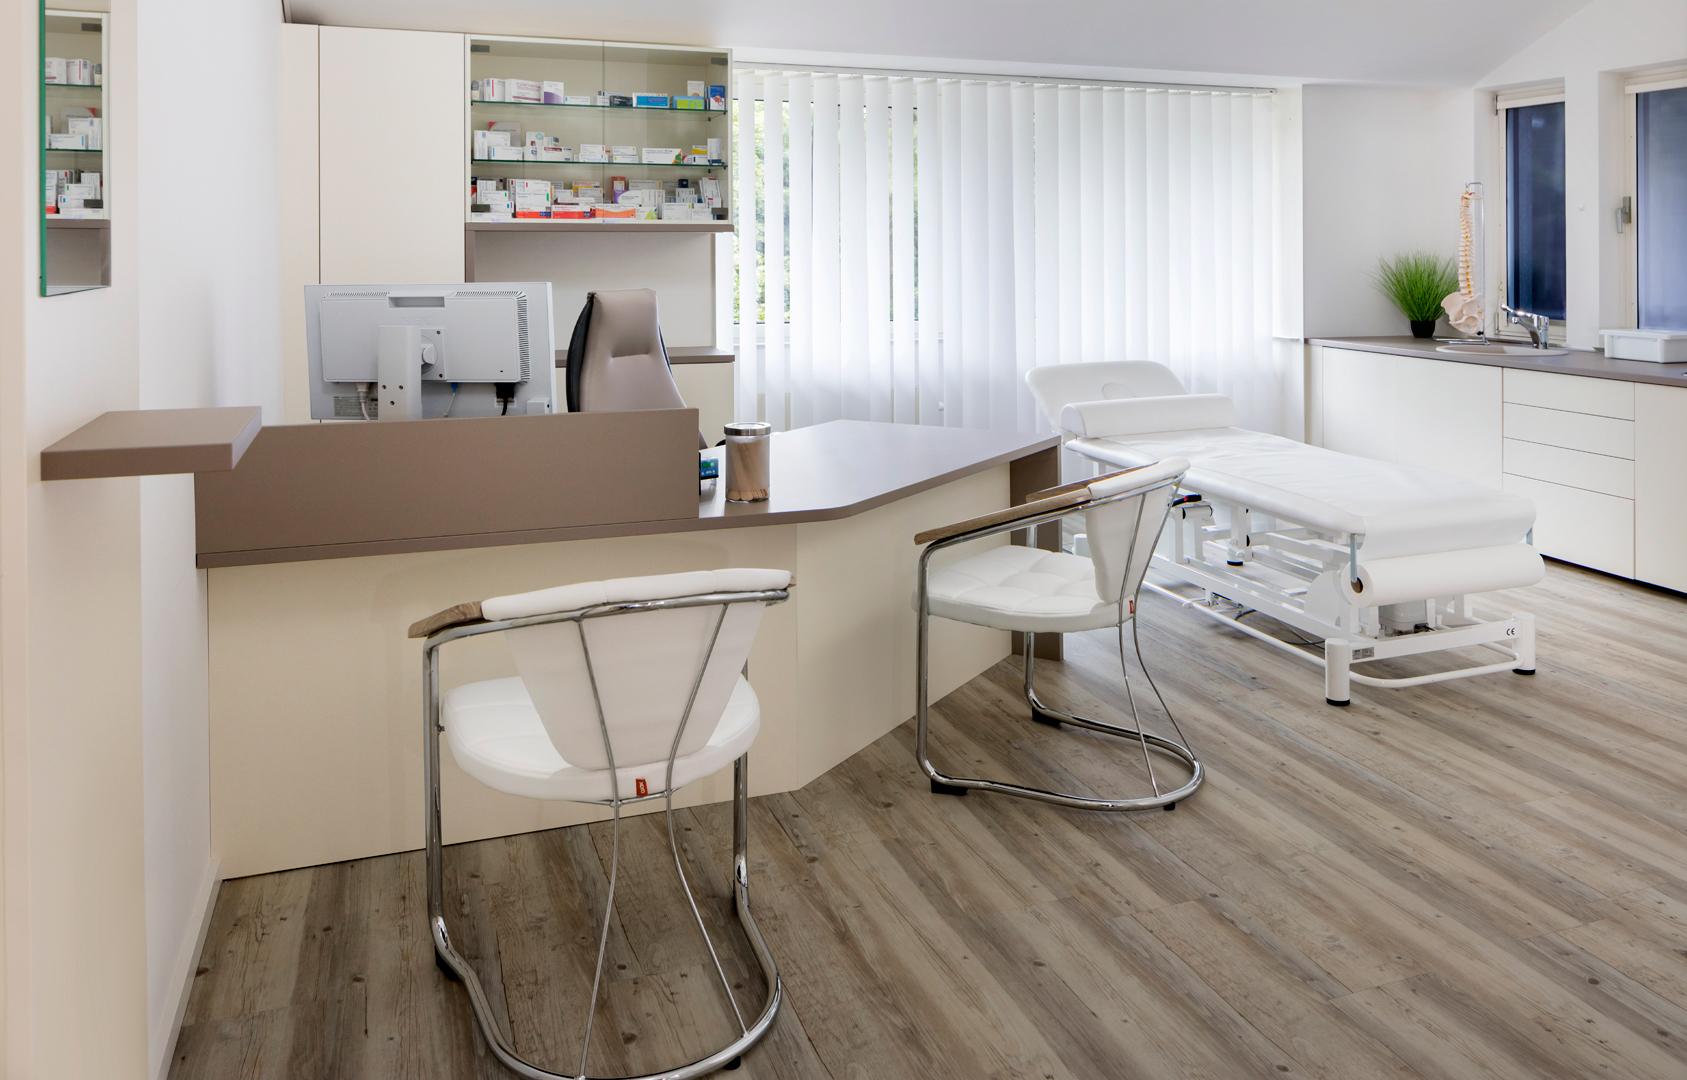 Arztpraxis Behandlungszimmer